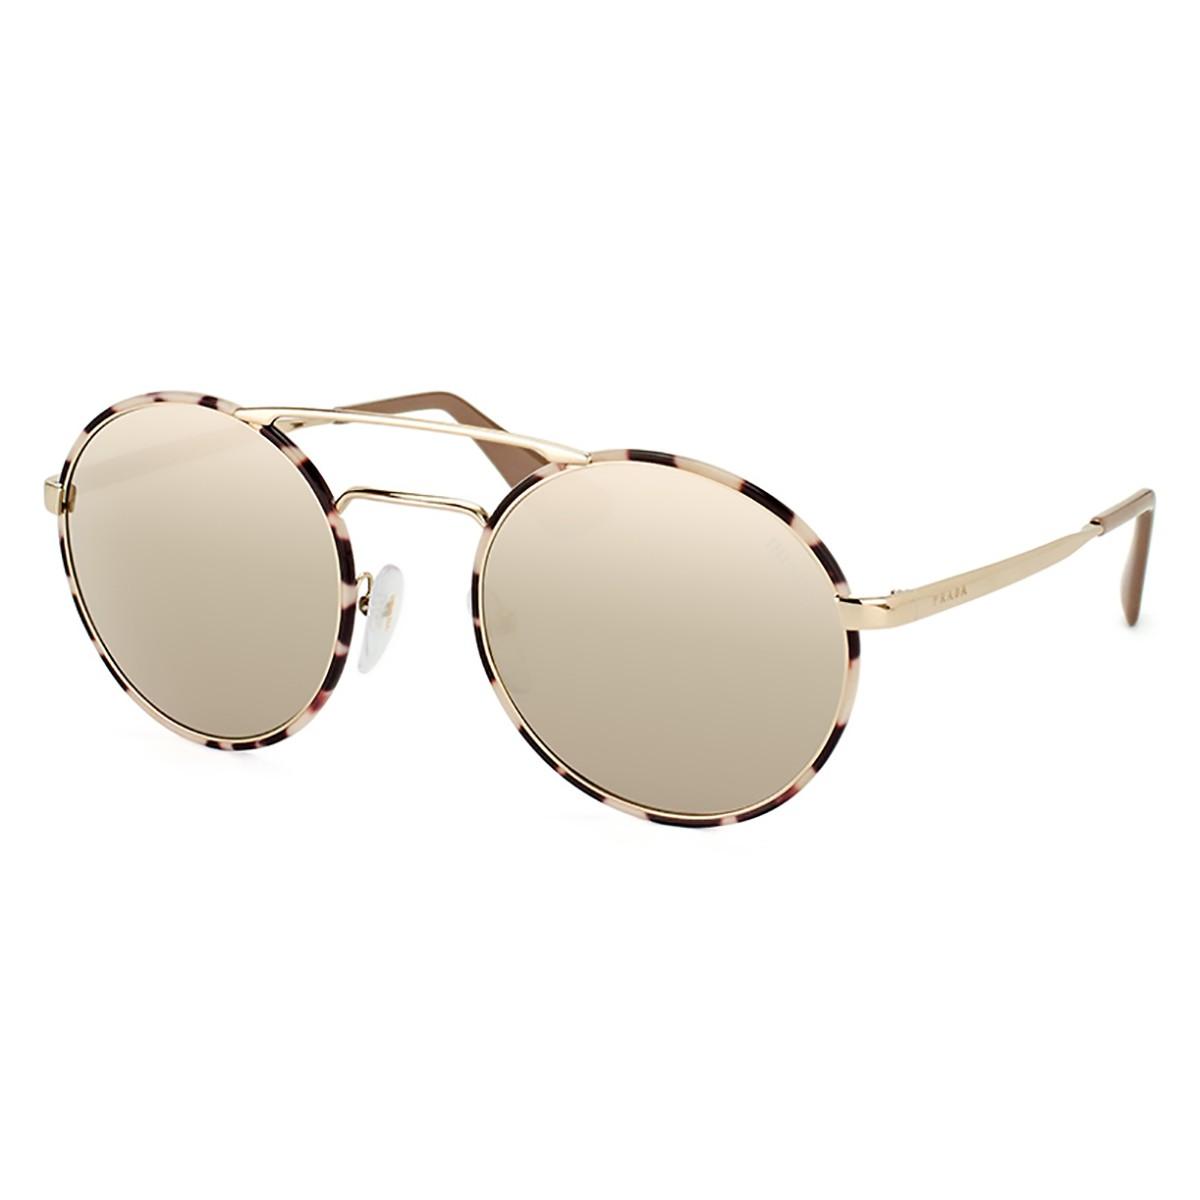 ae5f58924 Compre Óculos de Sol Prada em 10X | Tri-Jóia Shop